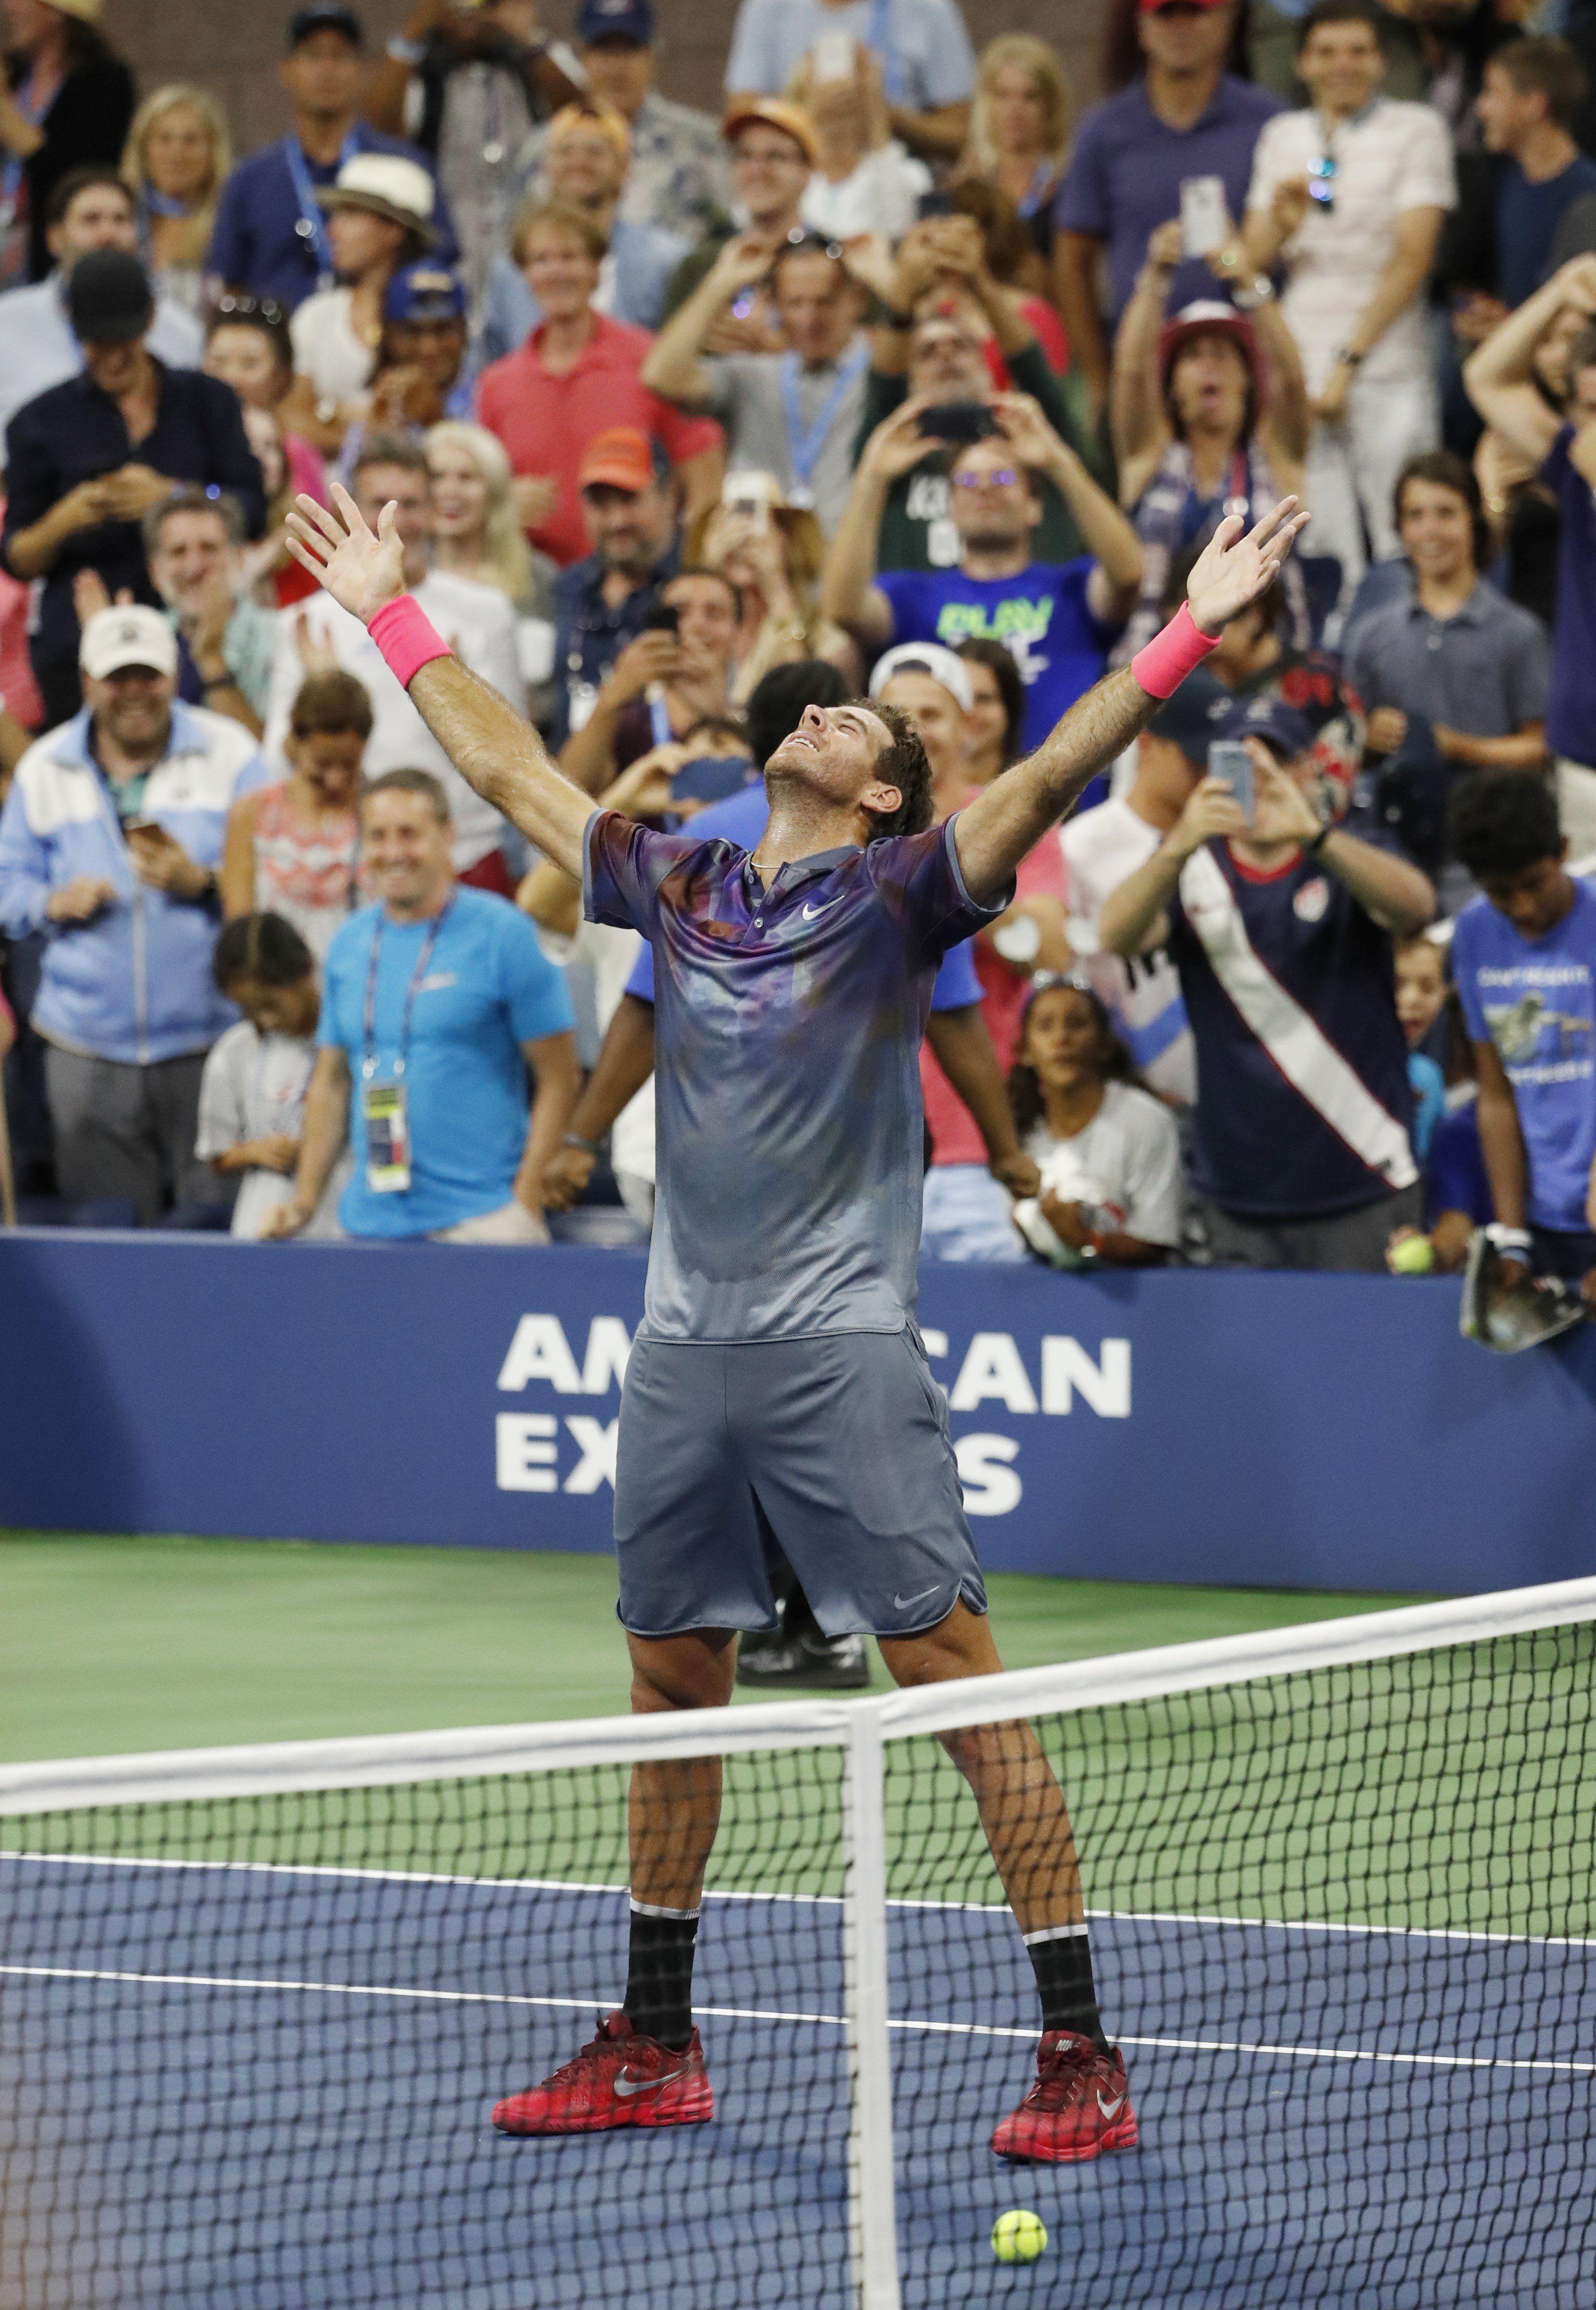 El divertido video con el que Roger Federer se rindió a los pies de Del Potro